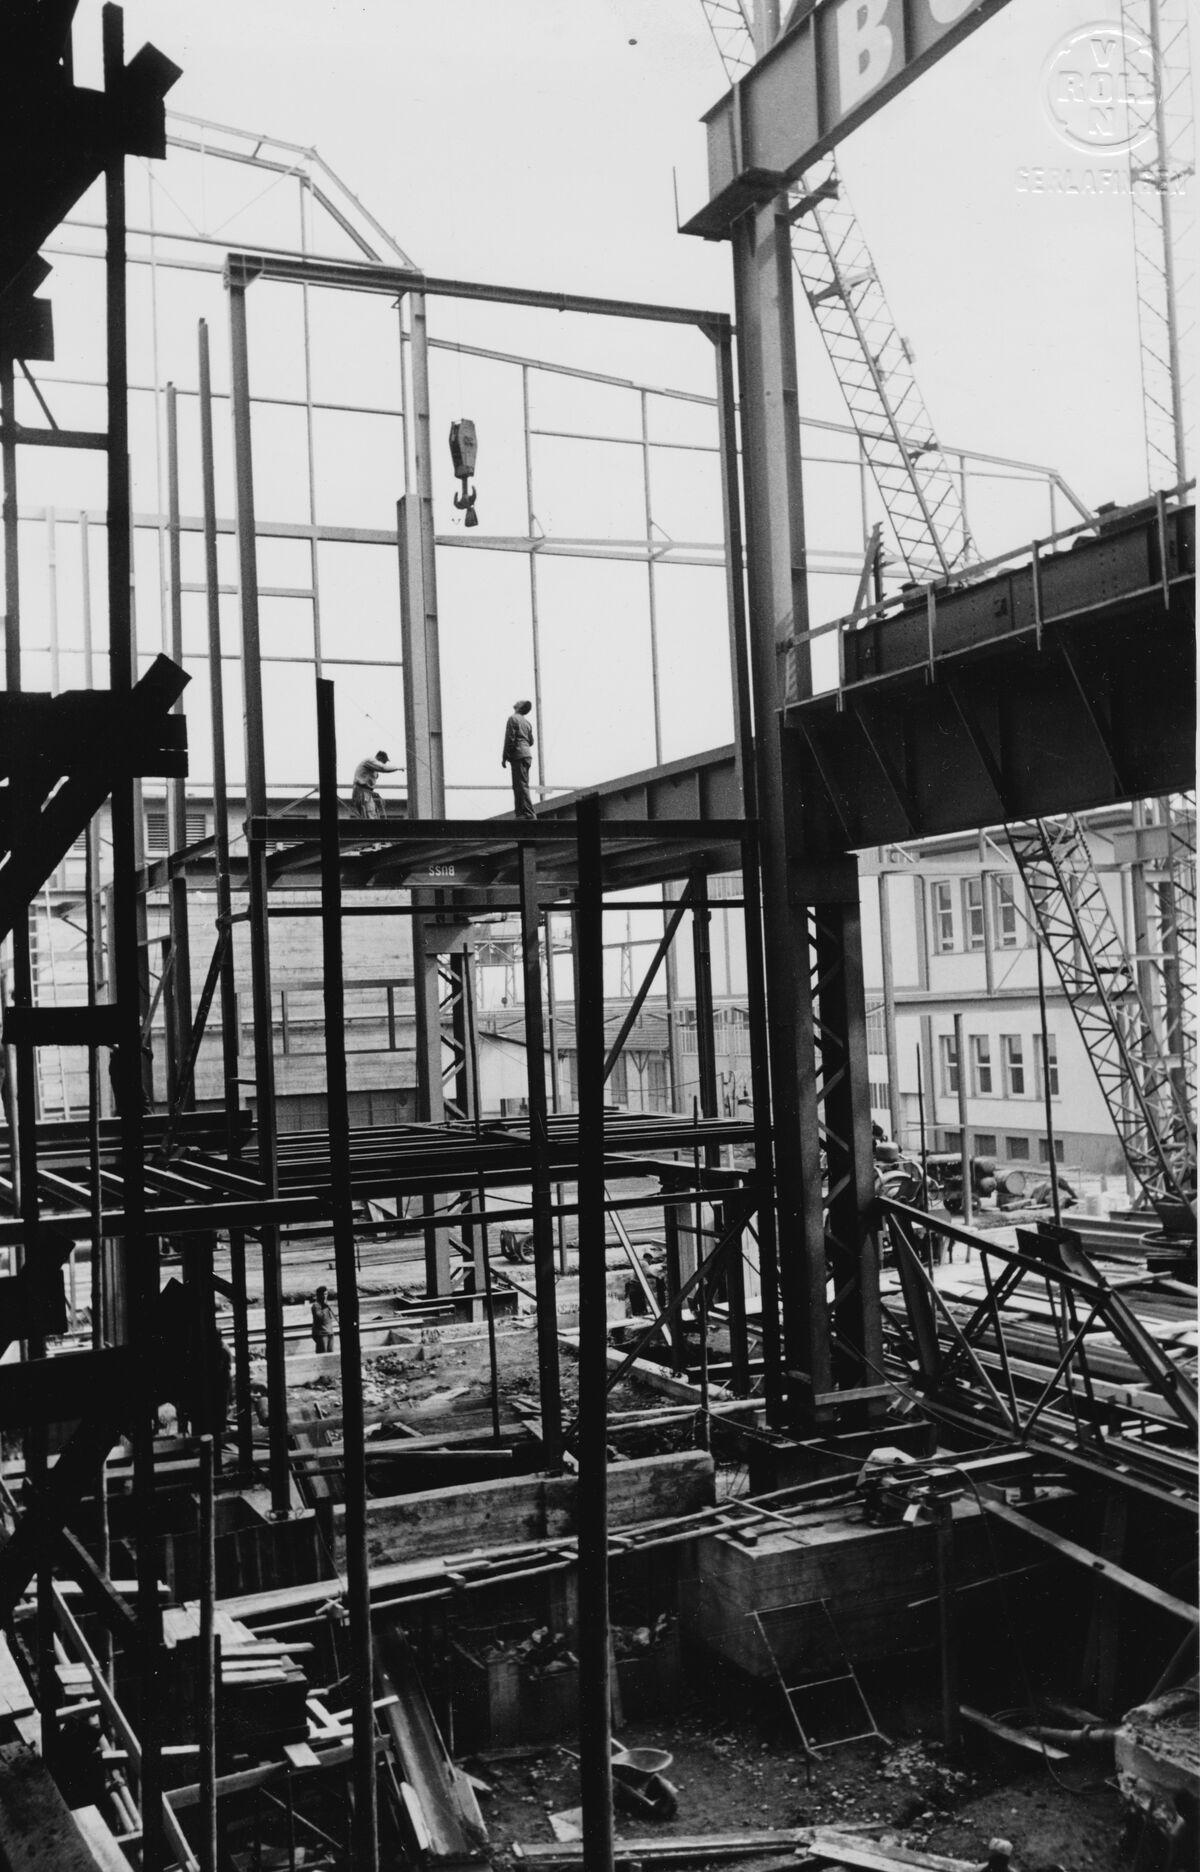 GFA 20/135.203: Stahl- und Brückenbau: Erweiterung Stahlwerk Ost Montagezusatnd